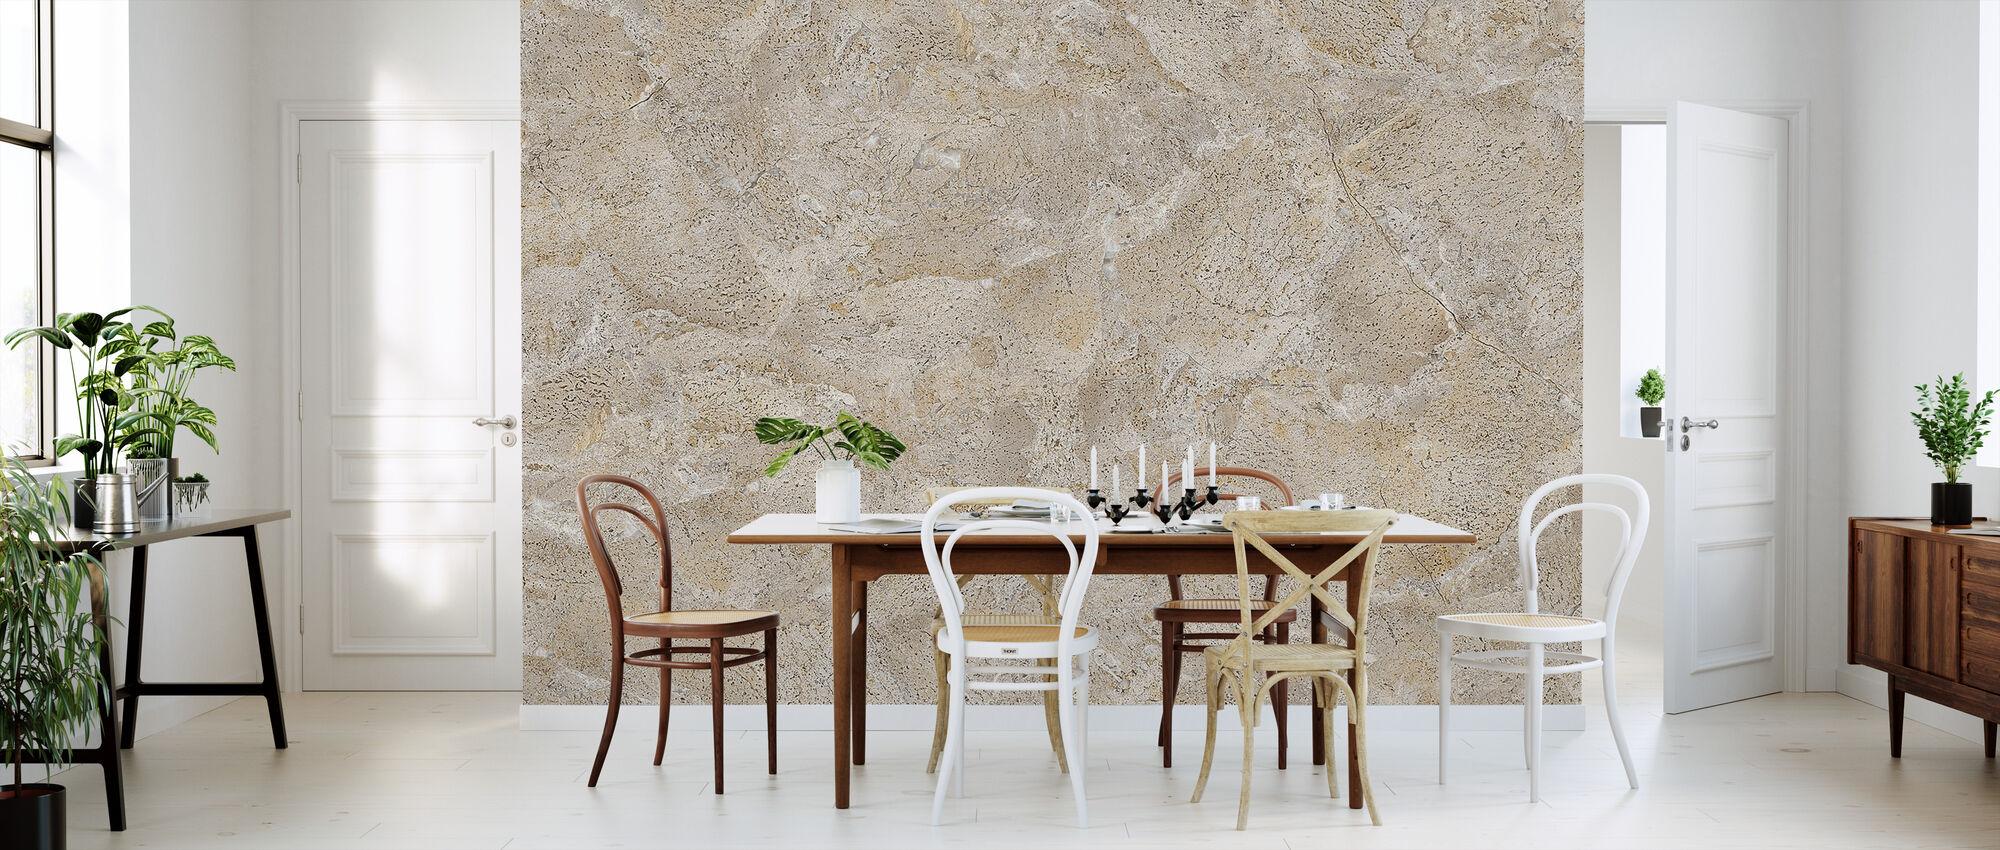 Beige Marmor - Tapete - Küchen